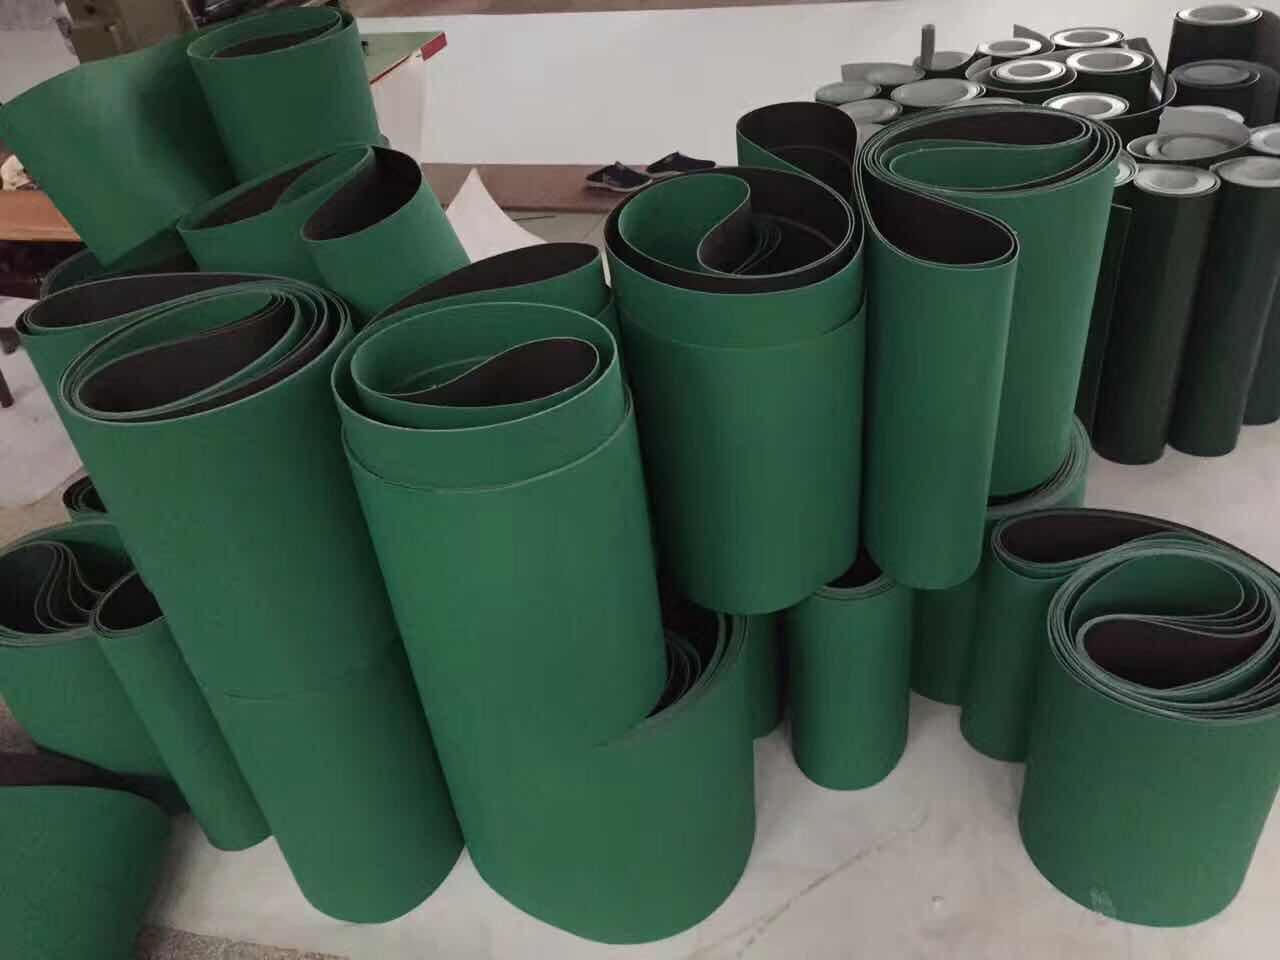 晋江市凯斯利工业皮带有限公司